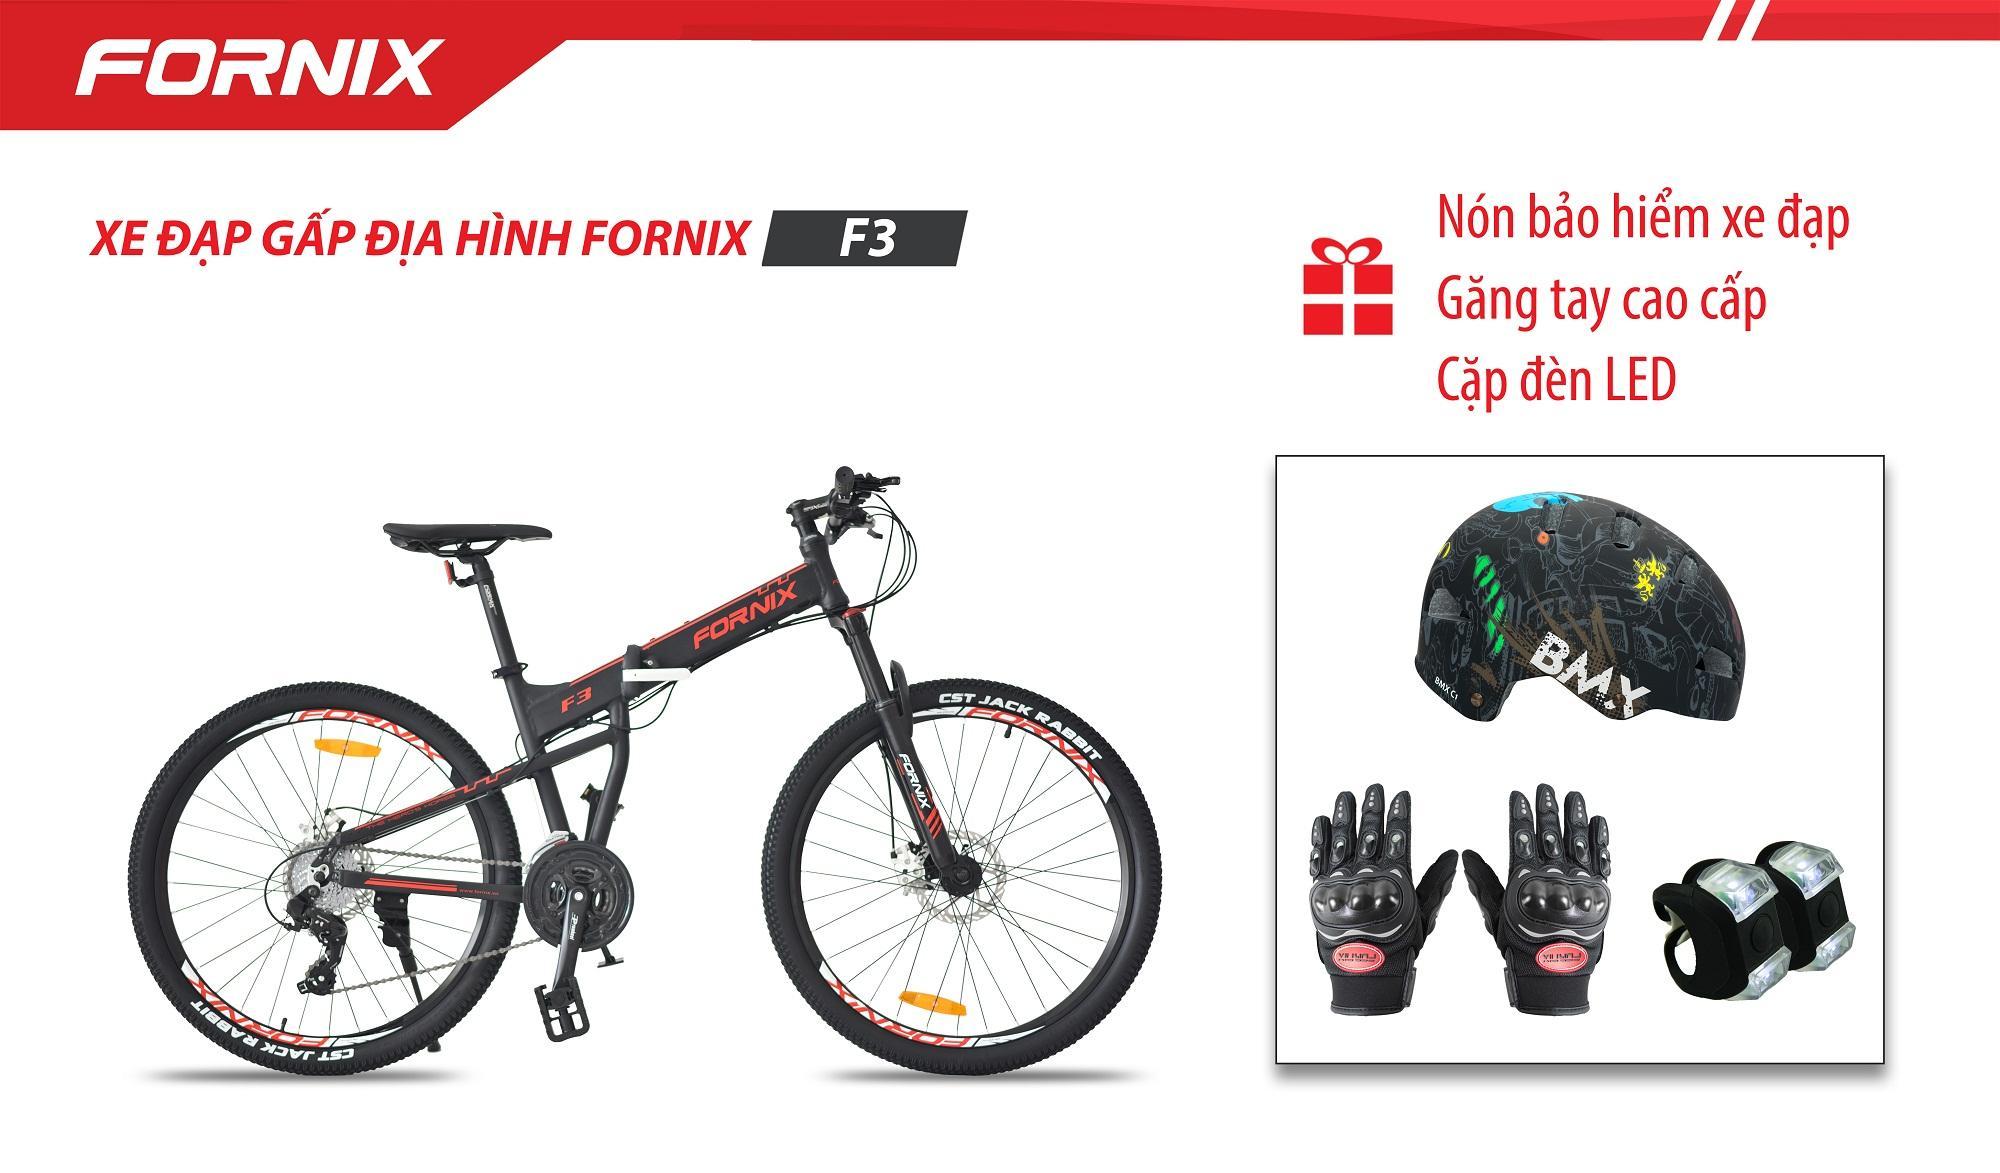 Xe đạp gấp địa hình thể thao Fornix F3 + (Gift) Găng tay, Đèn LED, Nón bảo hiểm A02NC1L